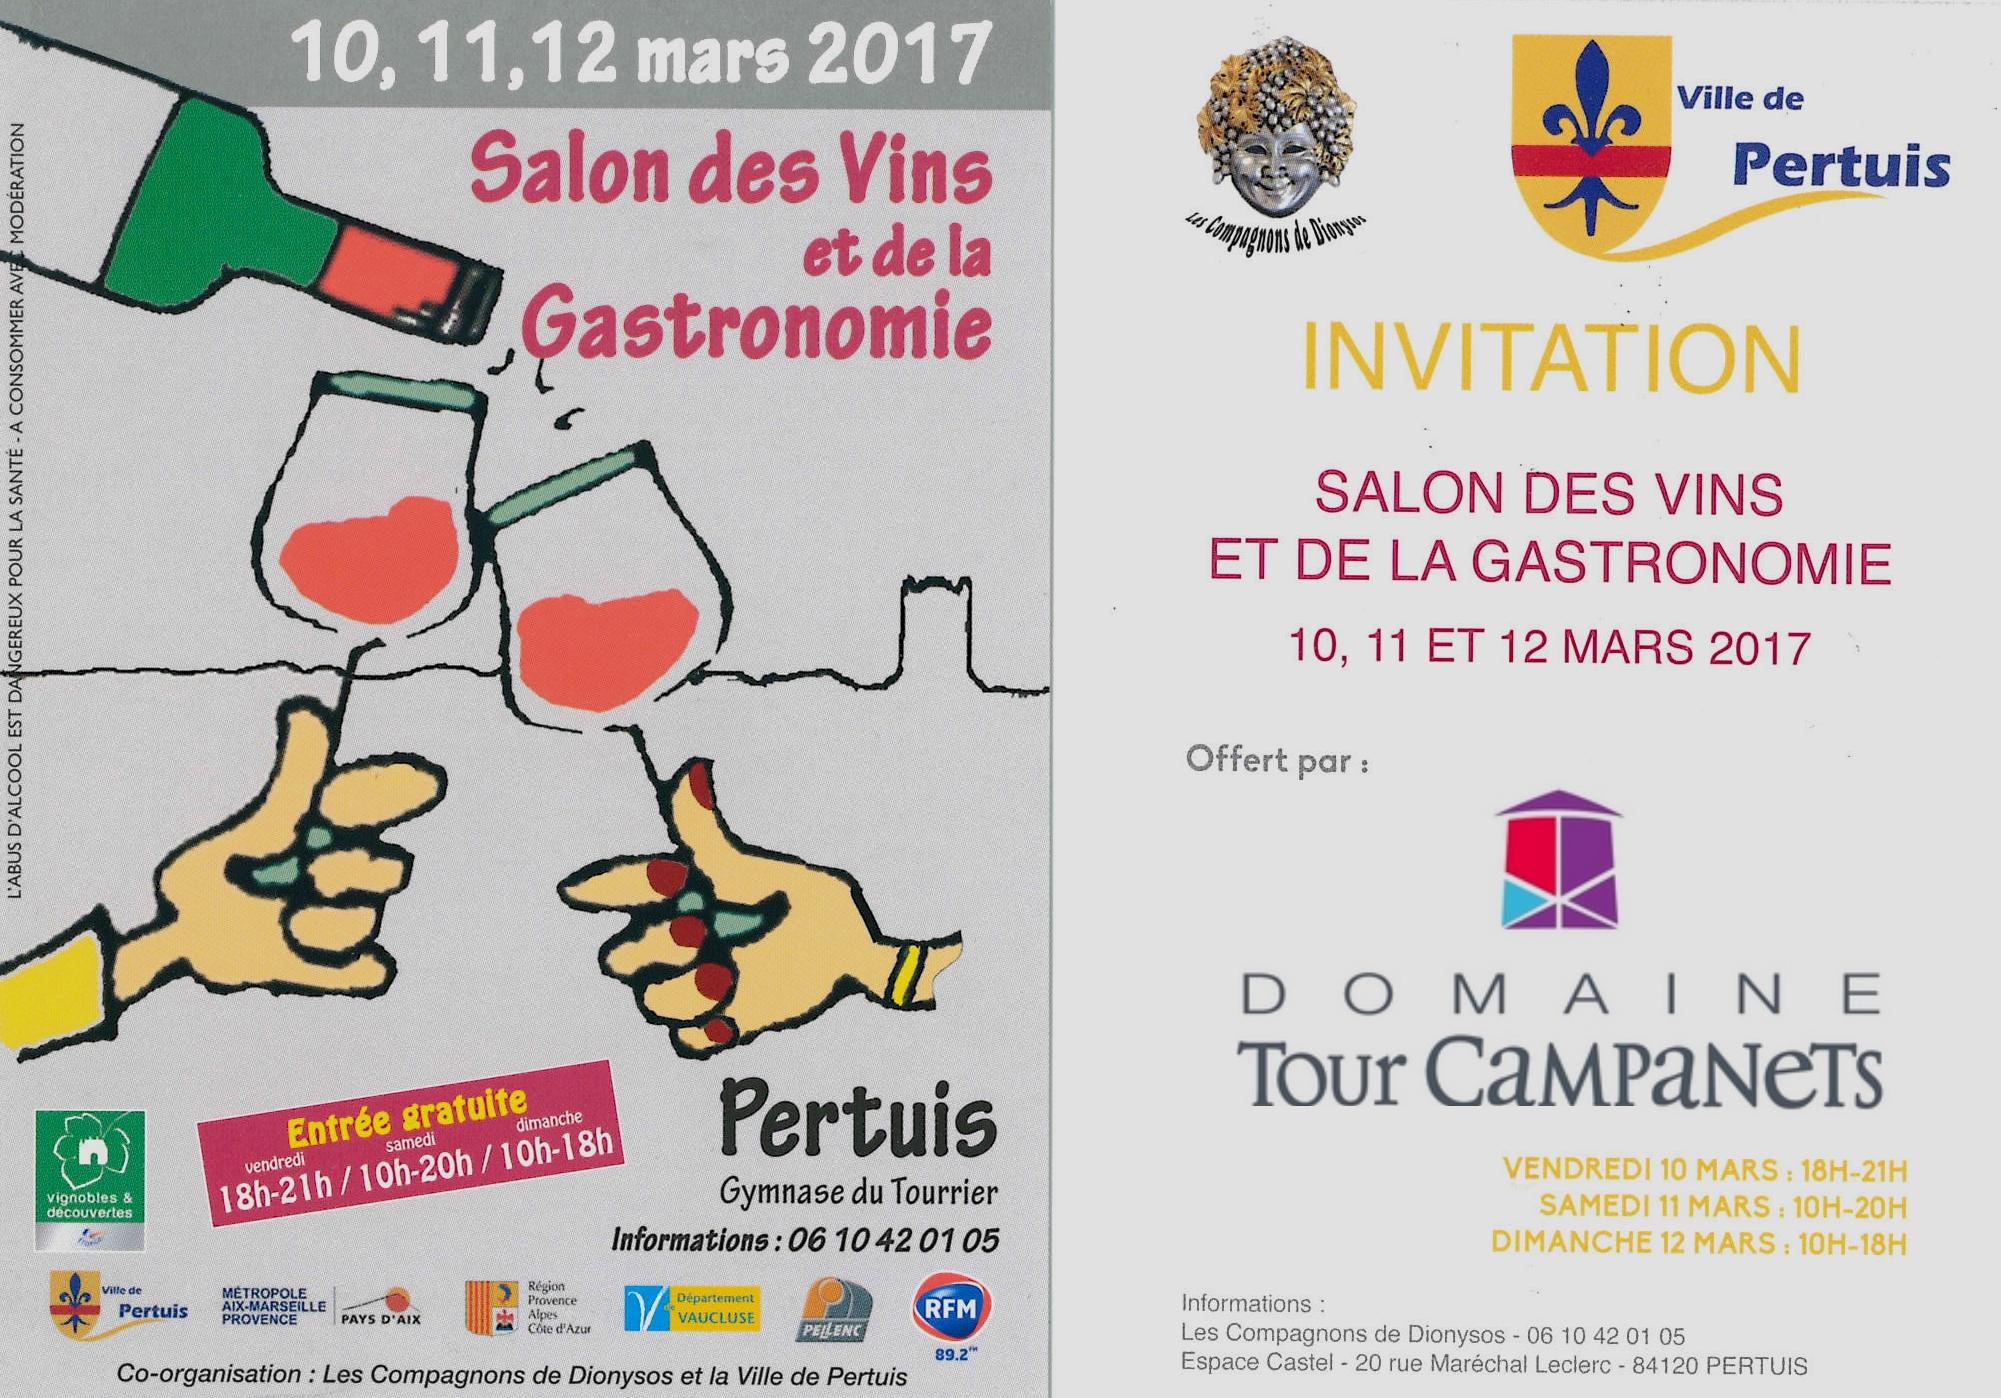 Retrouvez-nous vendredi 10, Samedi 11 et Dimanche 12 Mars 2017 au Salon des Vins et de la Gastronomie de PERTUIS.